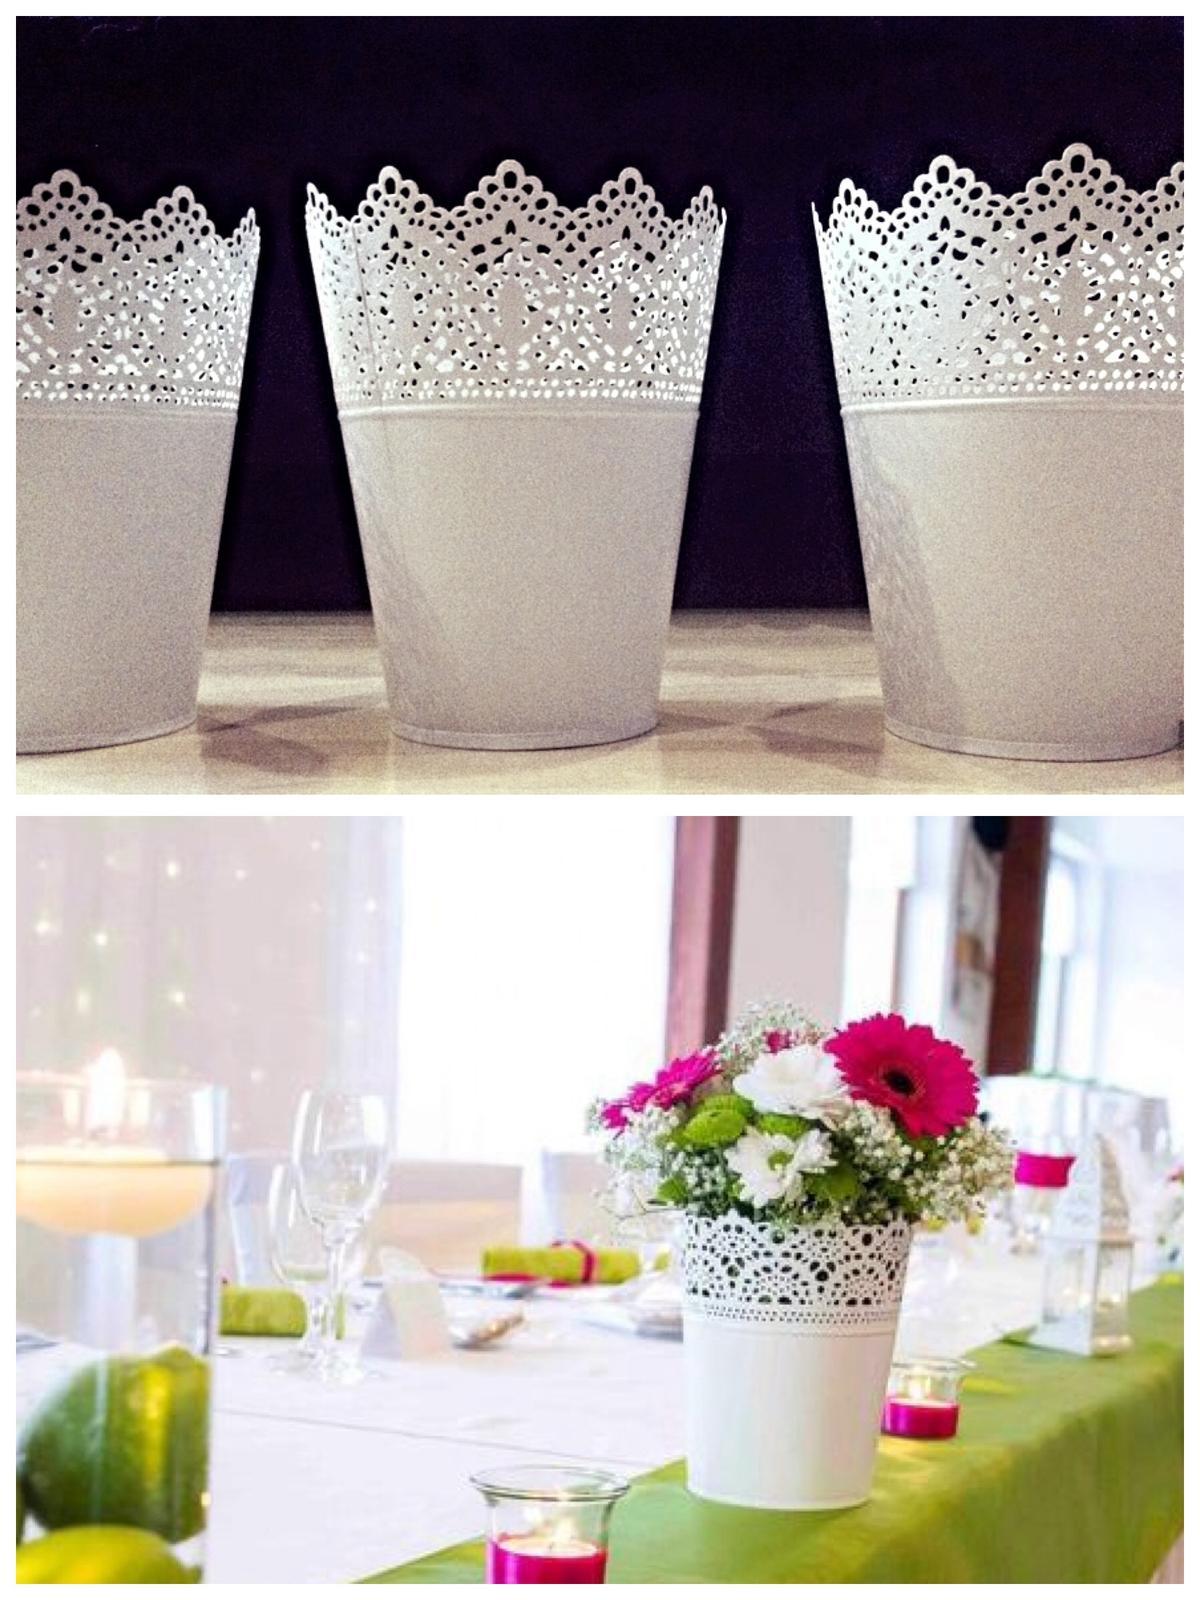 Krásna cesta svadobnými prípravami sa začala.... - kvetináče kúpené,aranžovať ich budem sama 💐